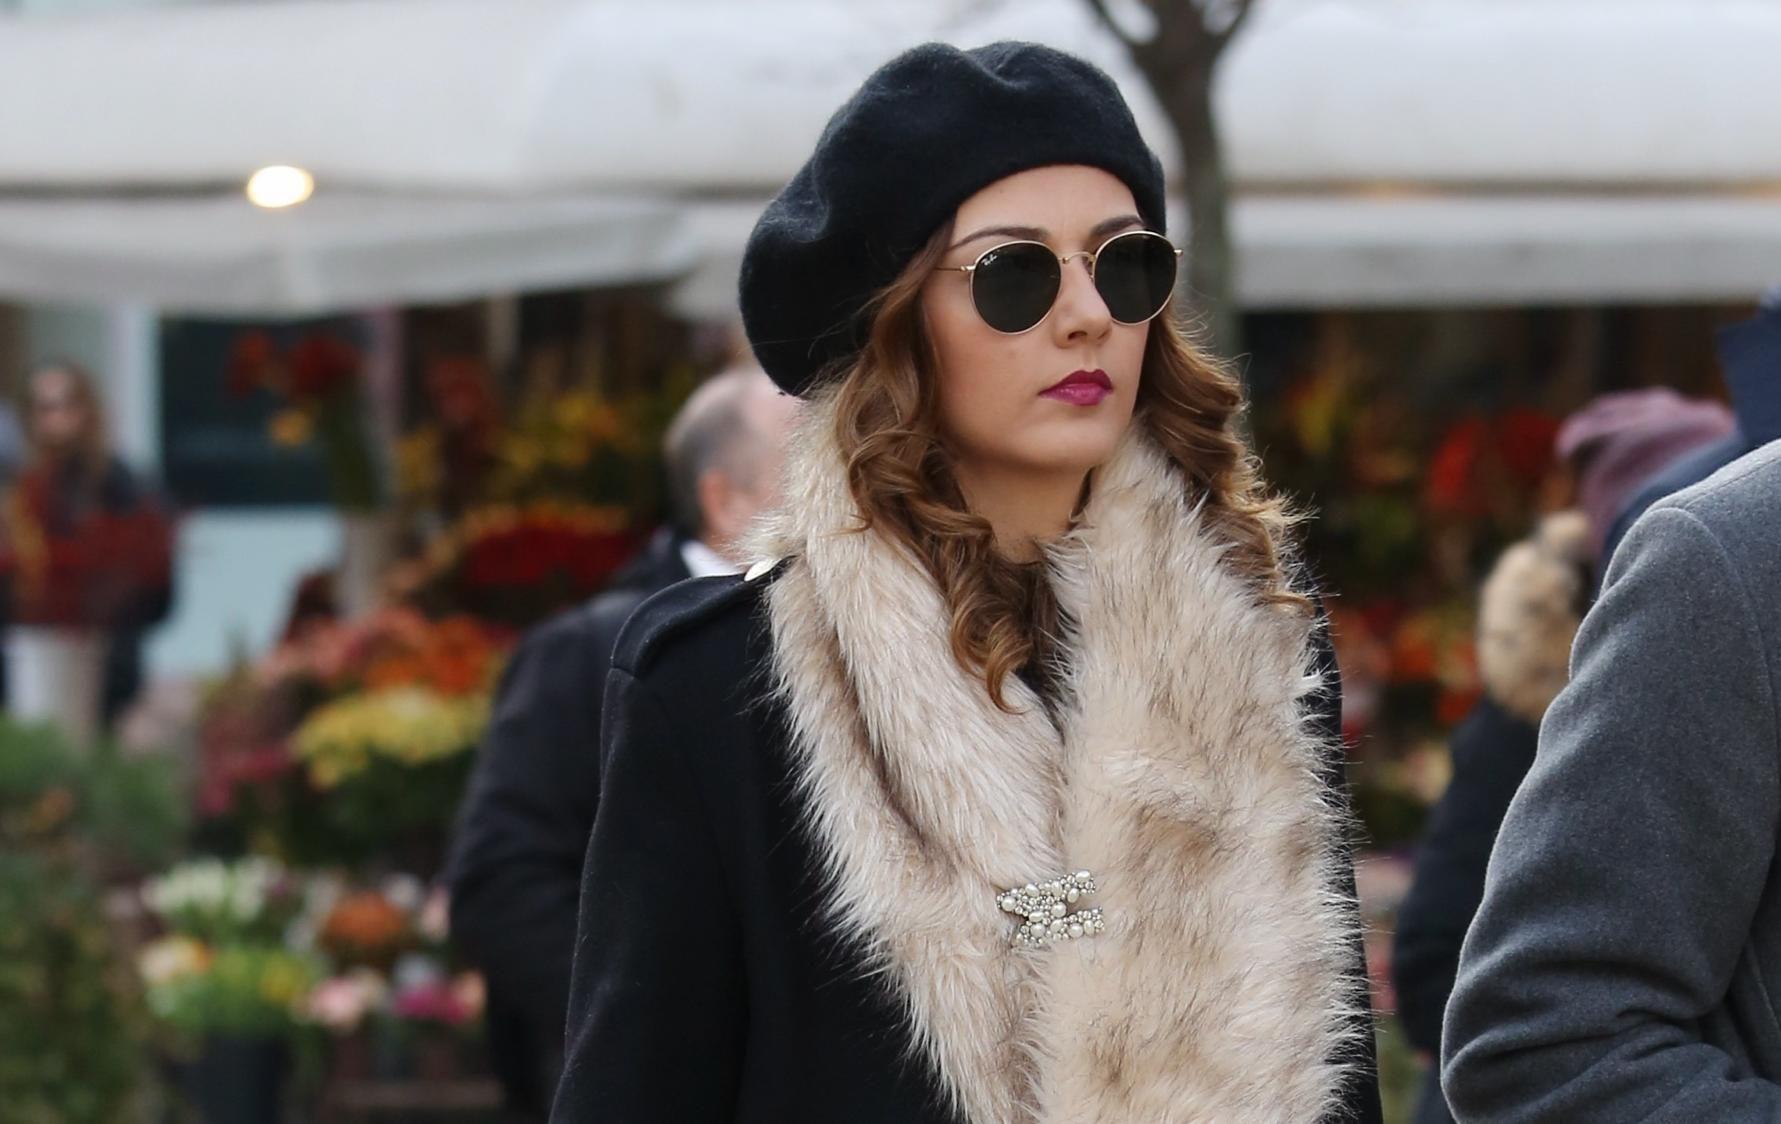 Kako izgleda pariški chic na zagrebačkim ulicama? Ova djevojka zna!